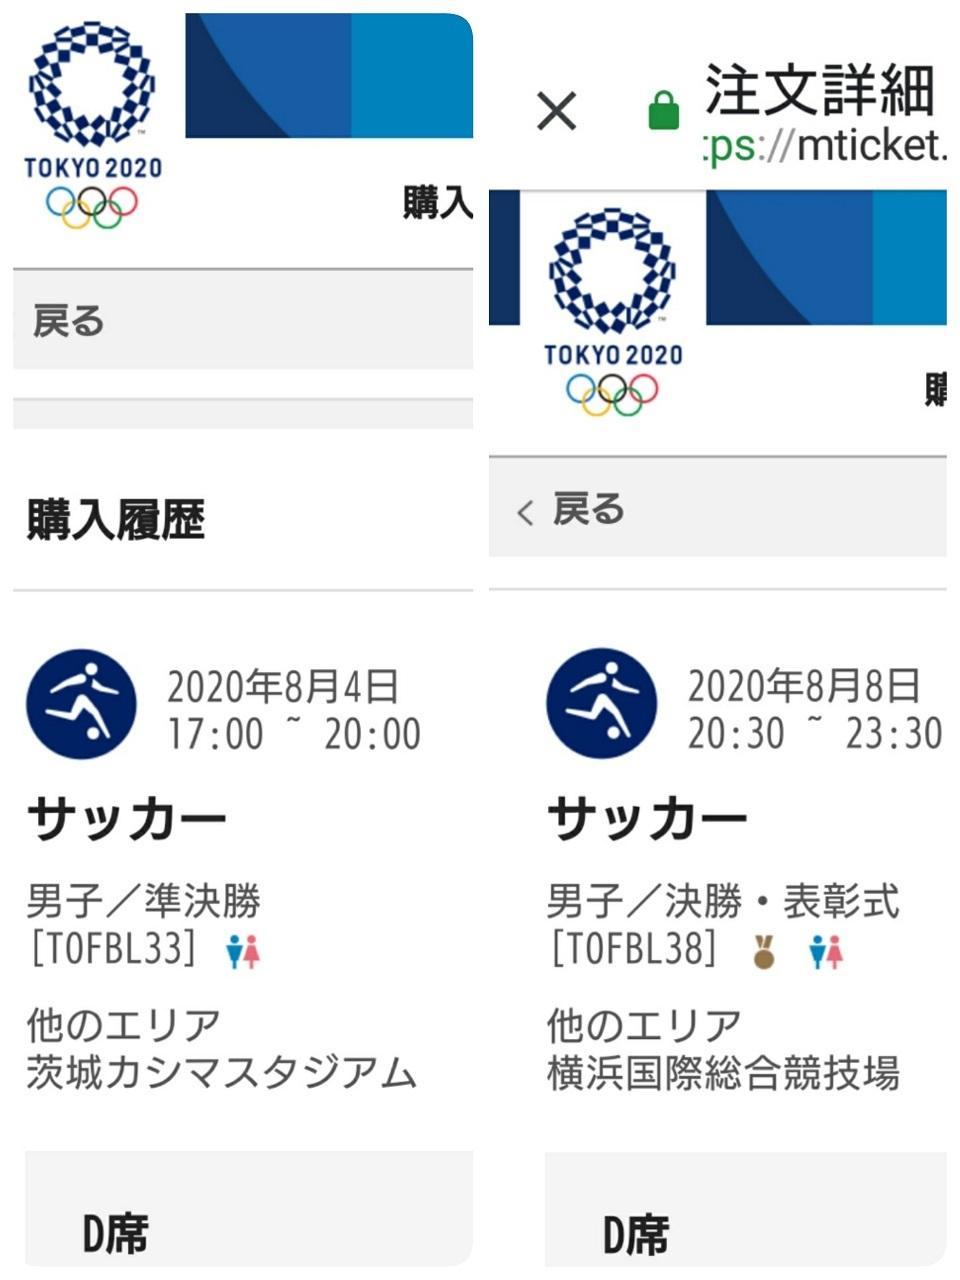 東京オリンピック チケット当選!_b0060363_09211146.jpg